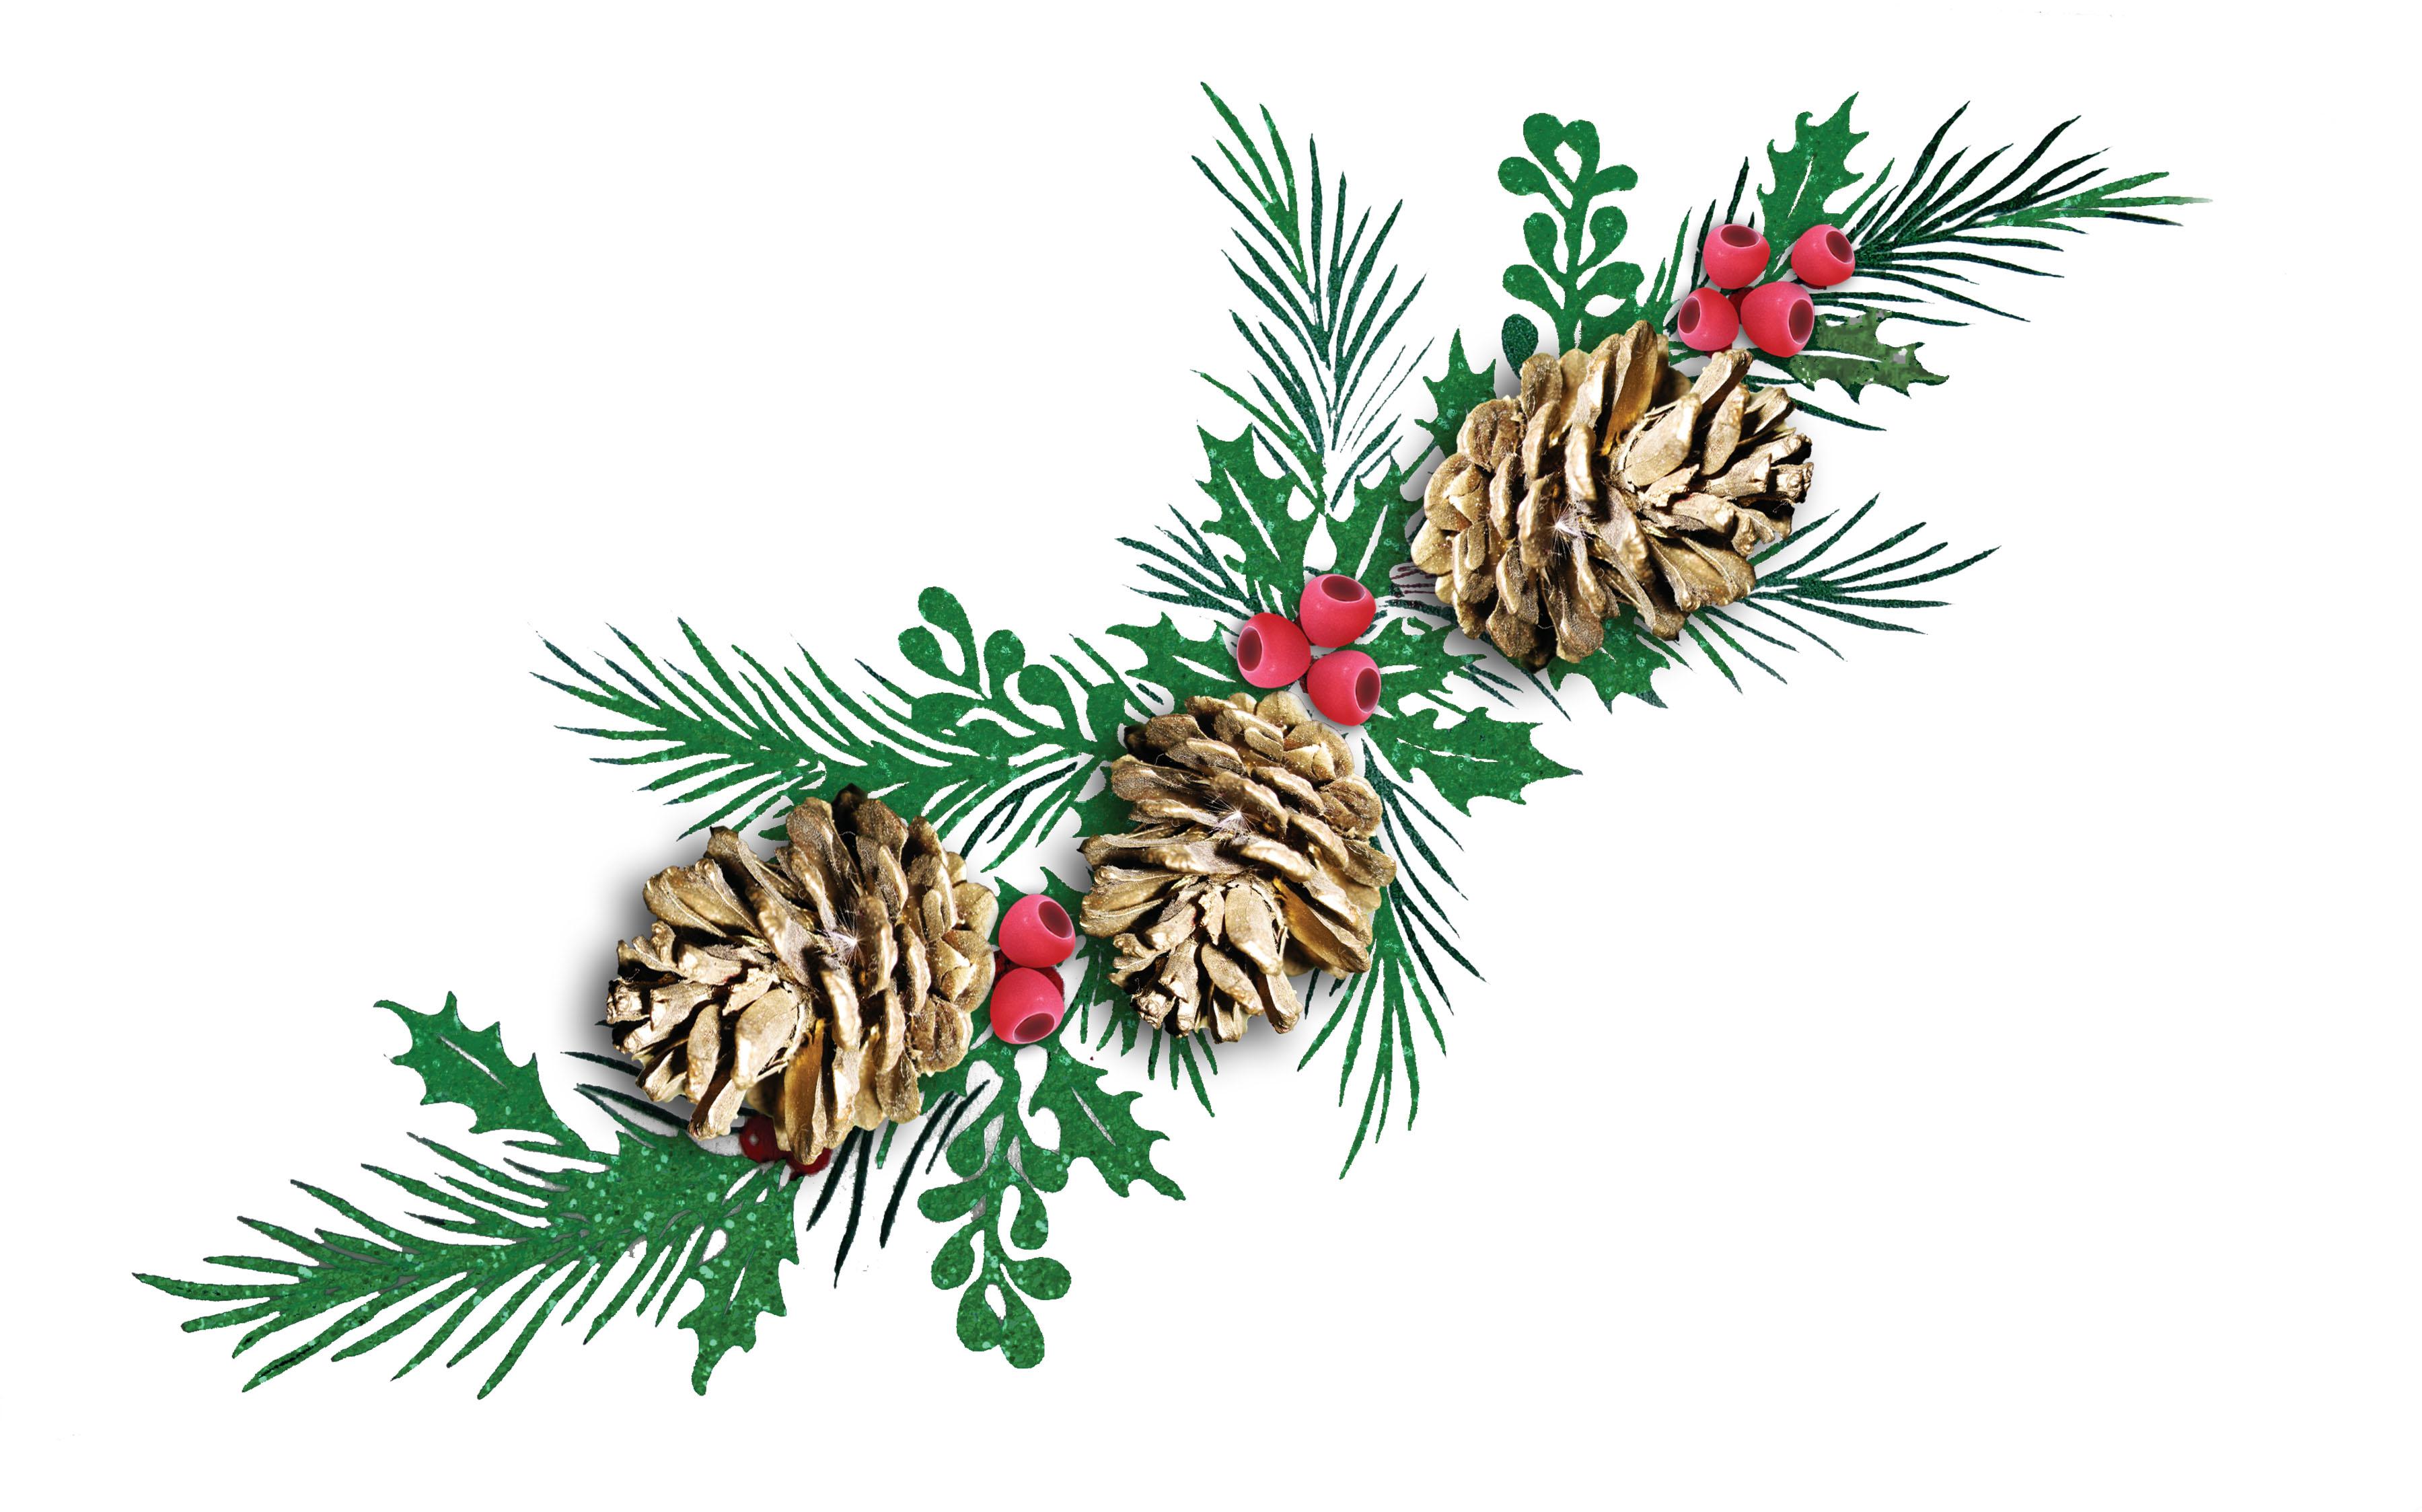 Картинки веточки ели новогодние без фона